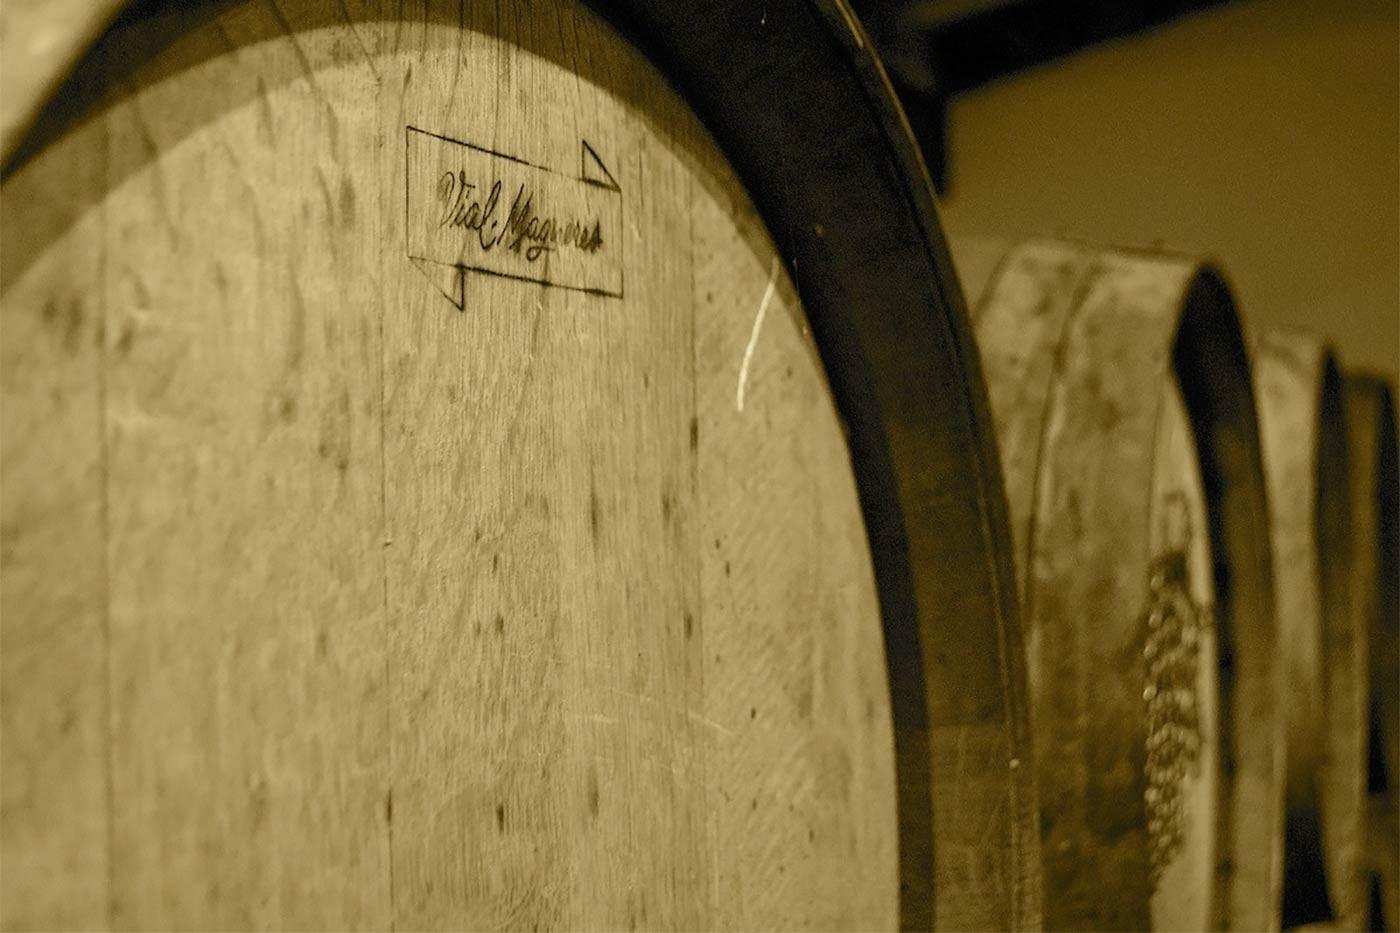 Des vignes à Banyuls sur mer, Cosprons, Port-Vendres